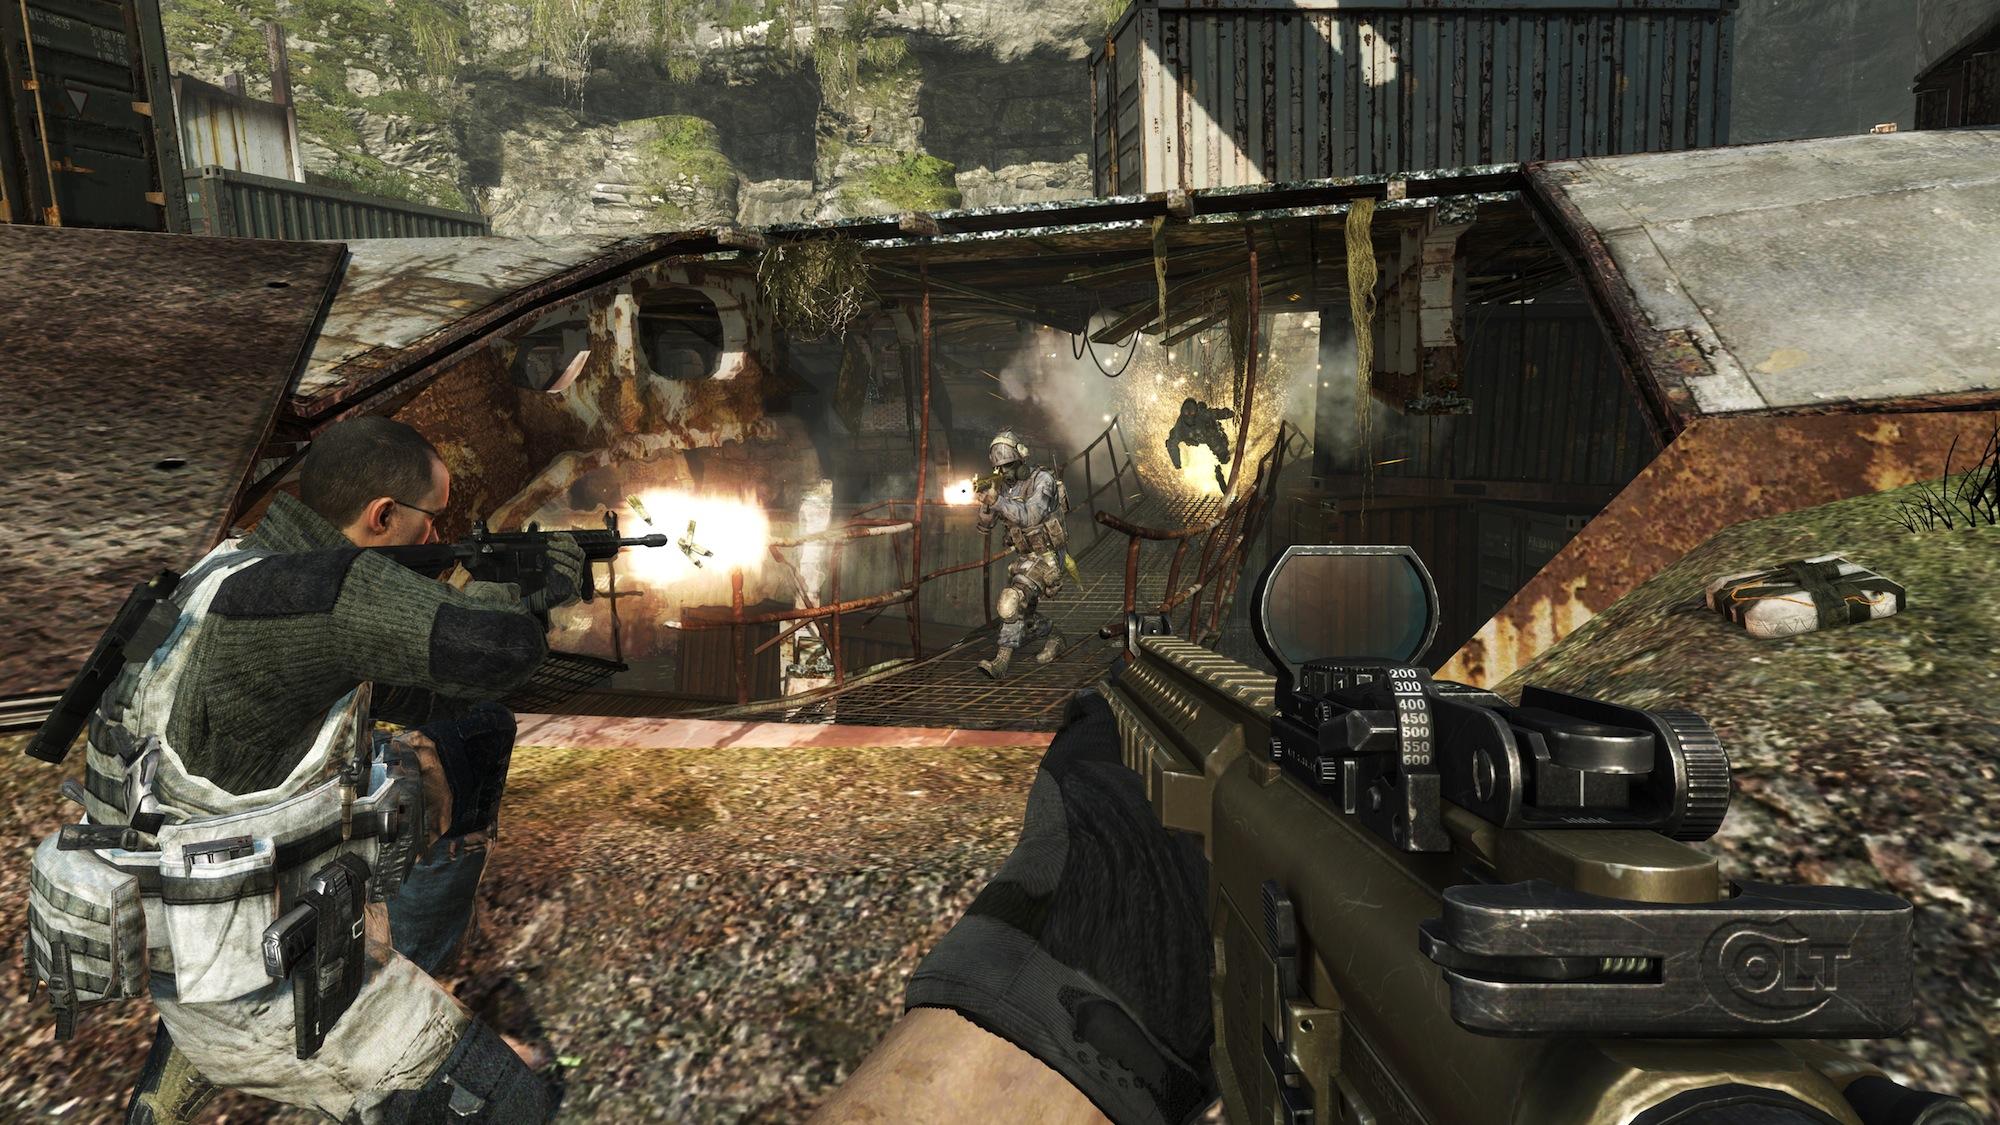 Call Of Duty Modern Warfare 3 Bilder Eprisonde Game Information